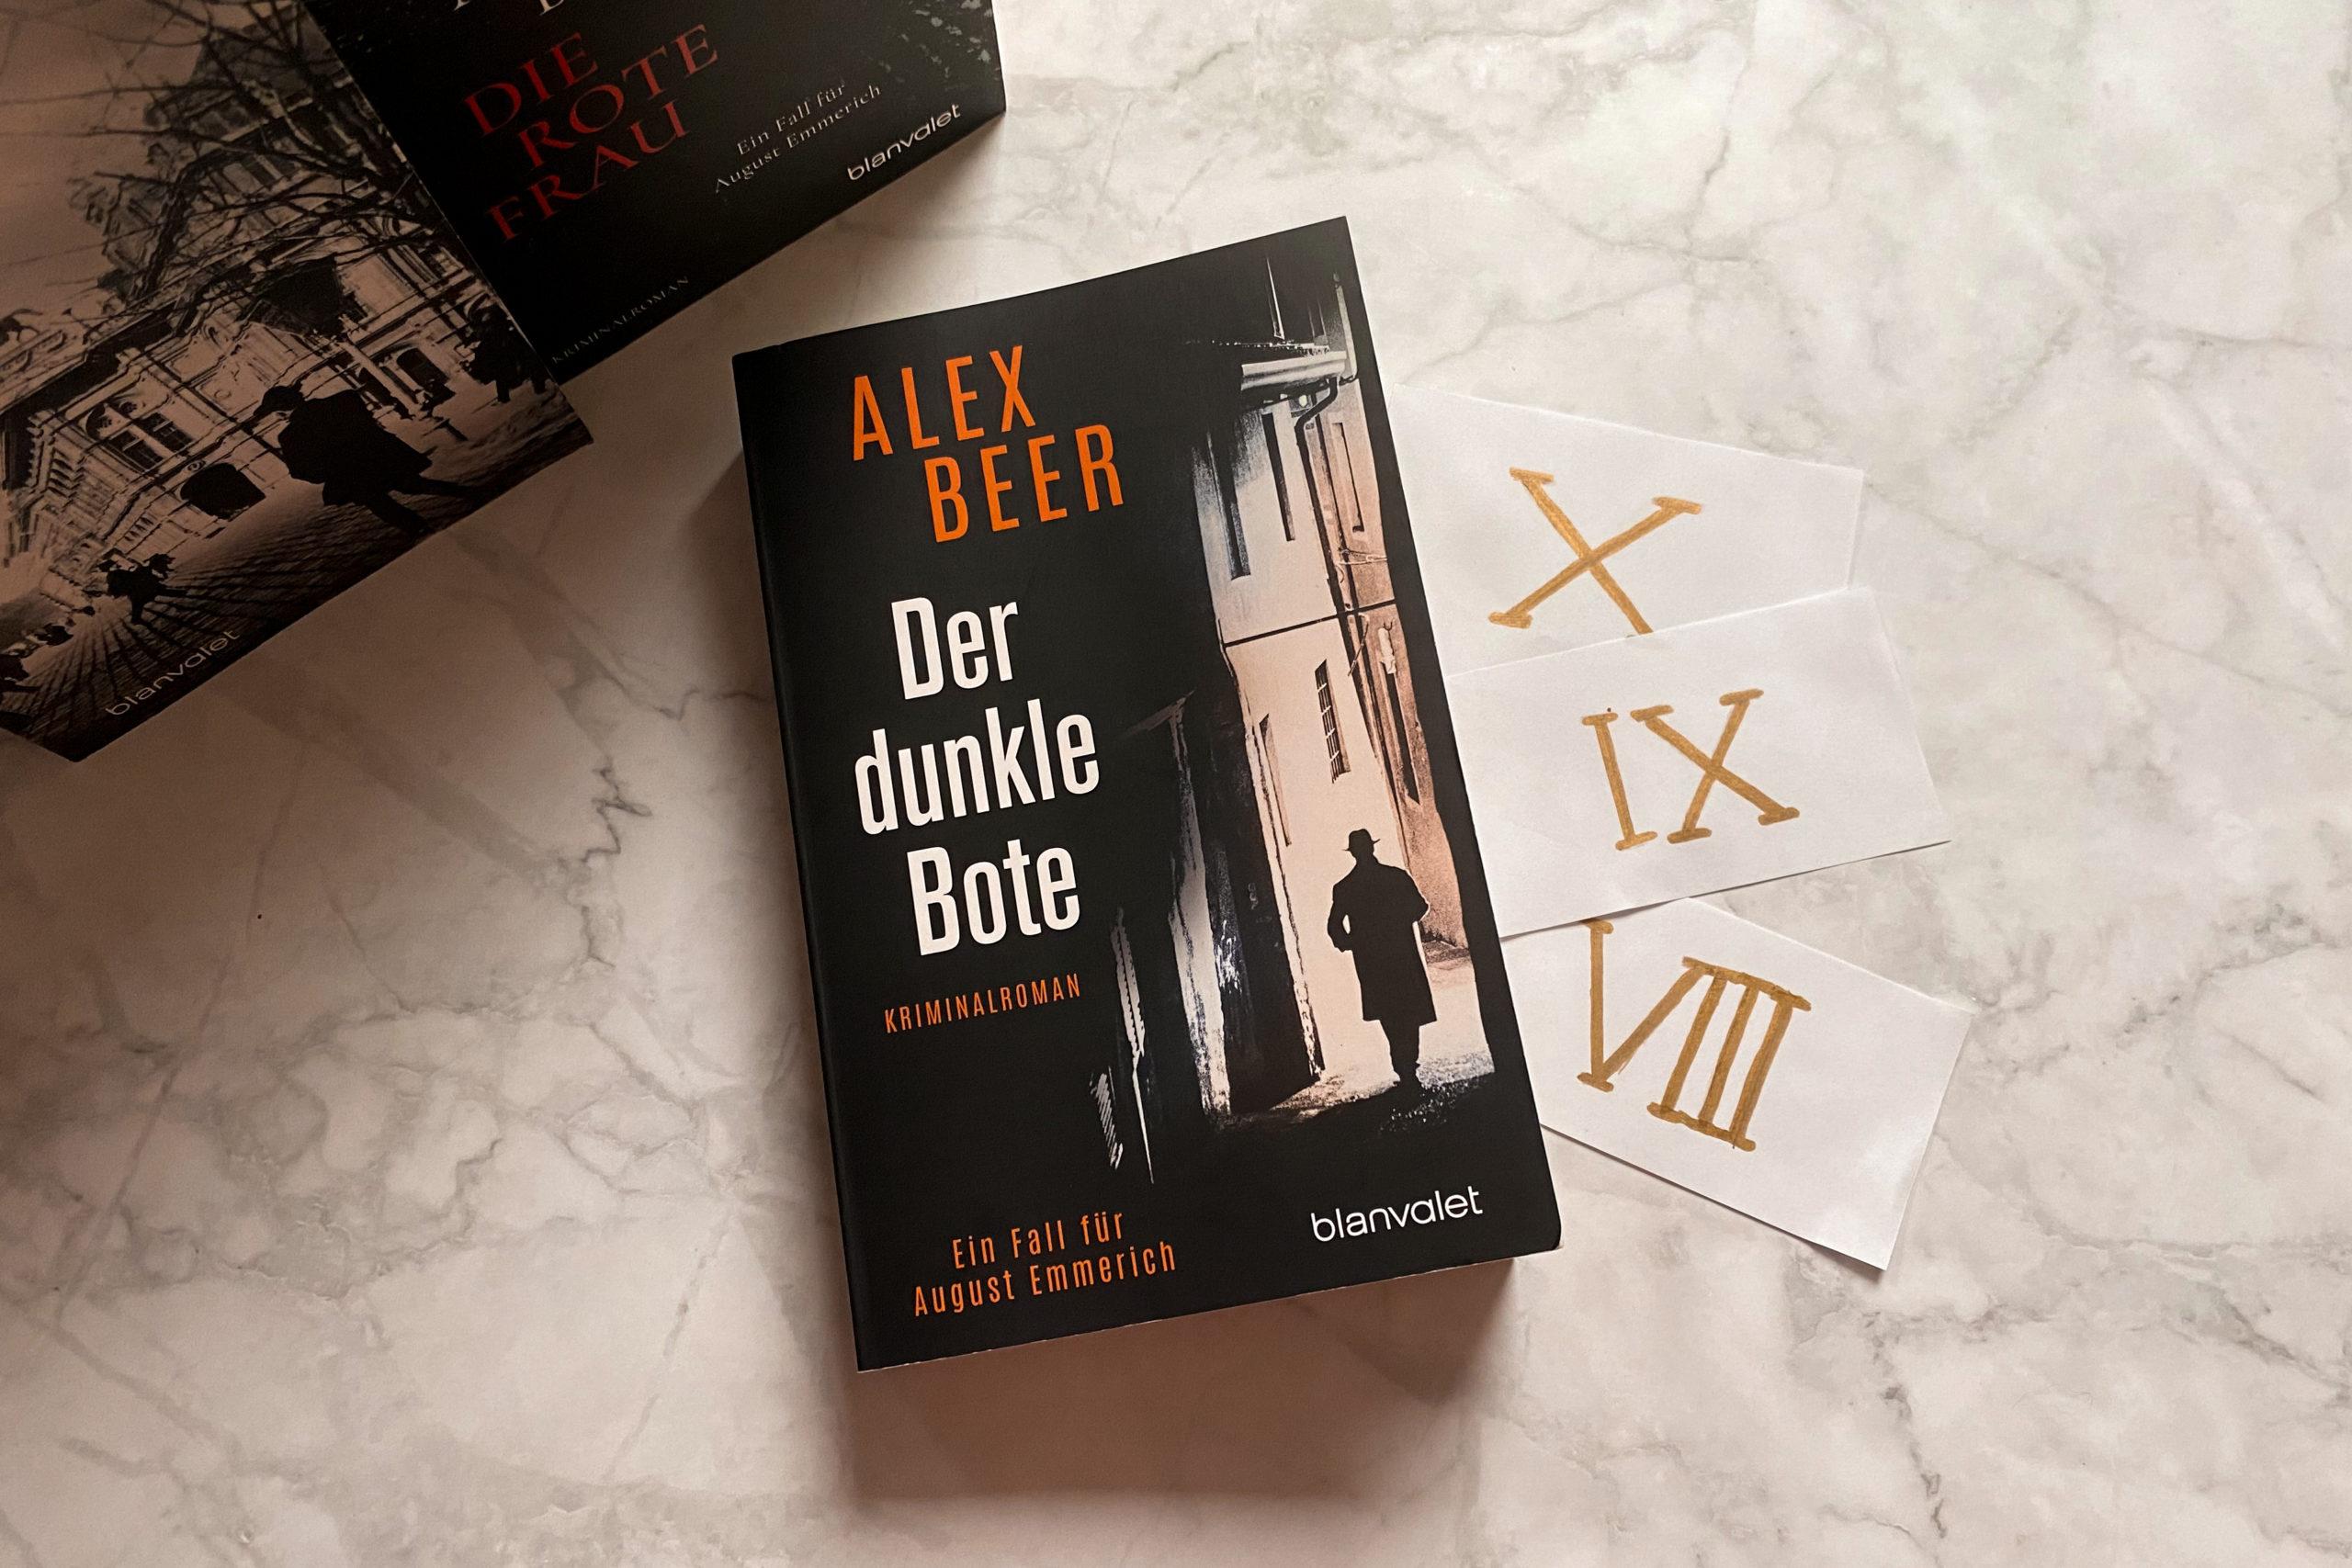 Alex Beer Der dunkle Bote Wien Titel